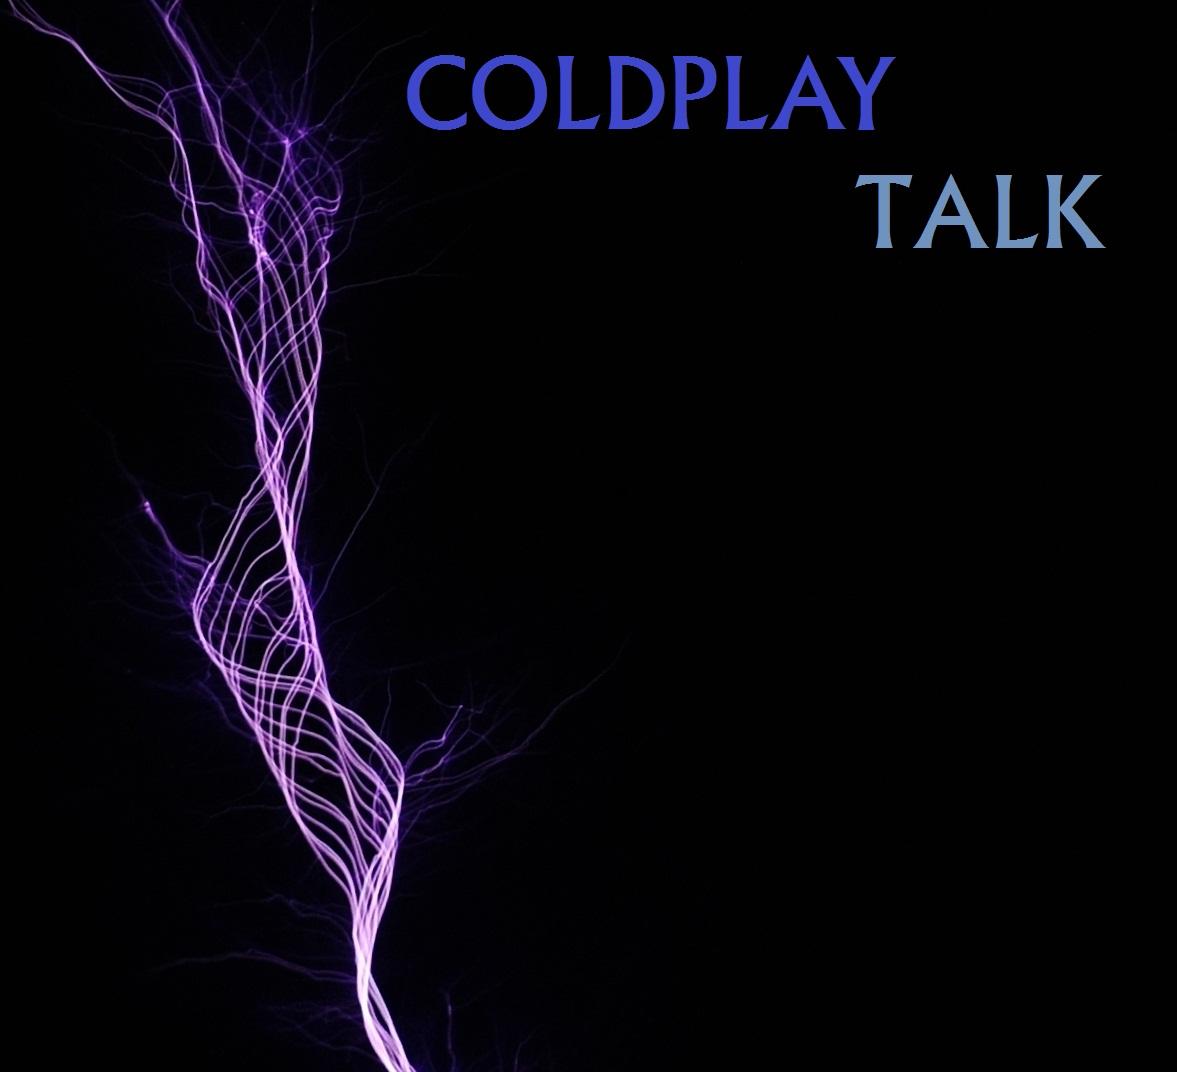 Coldplay - Talk (Crazibiza Edit)